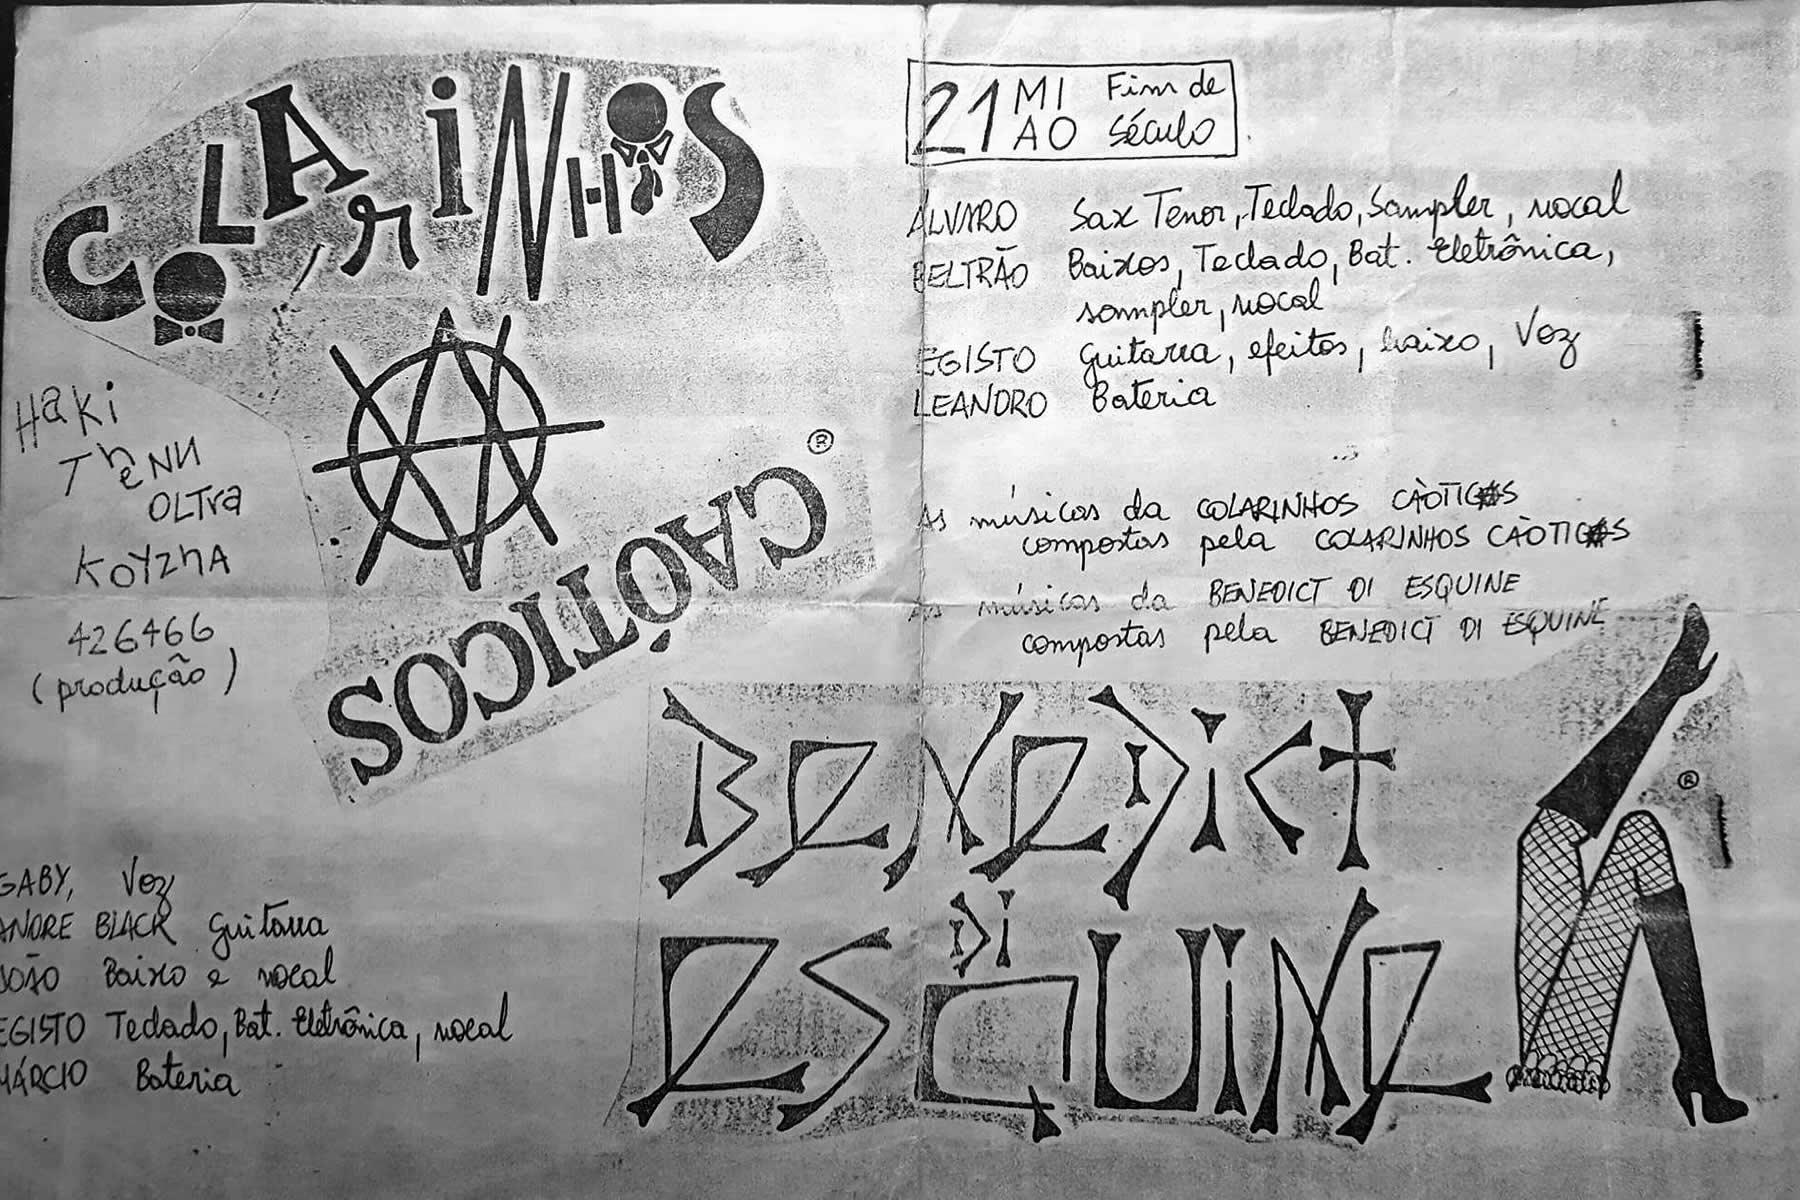 [ACERVO] Flyer: Colarinhos Caóticos e Benedict di Esquini